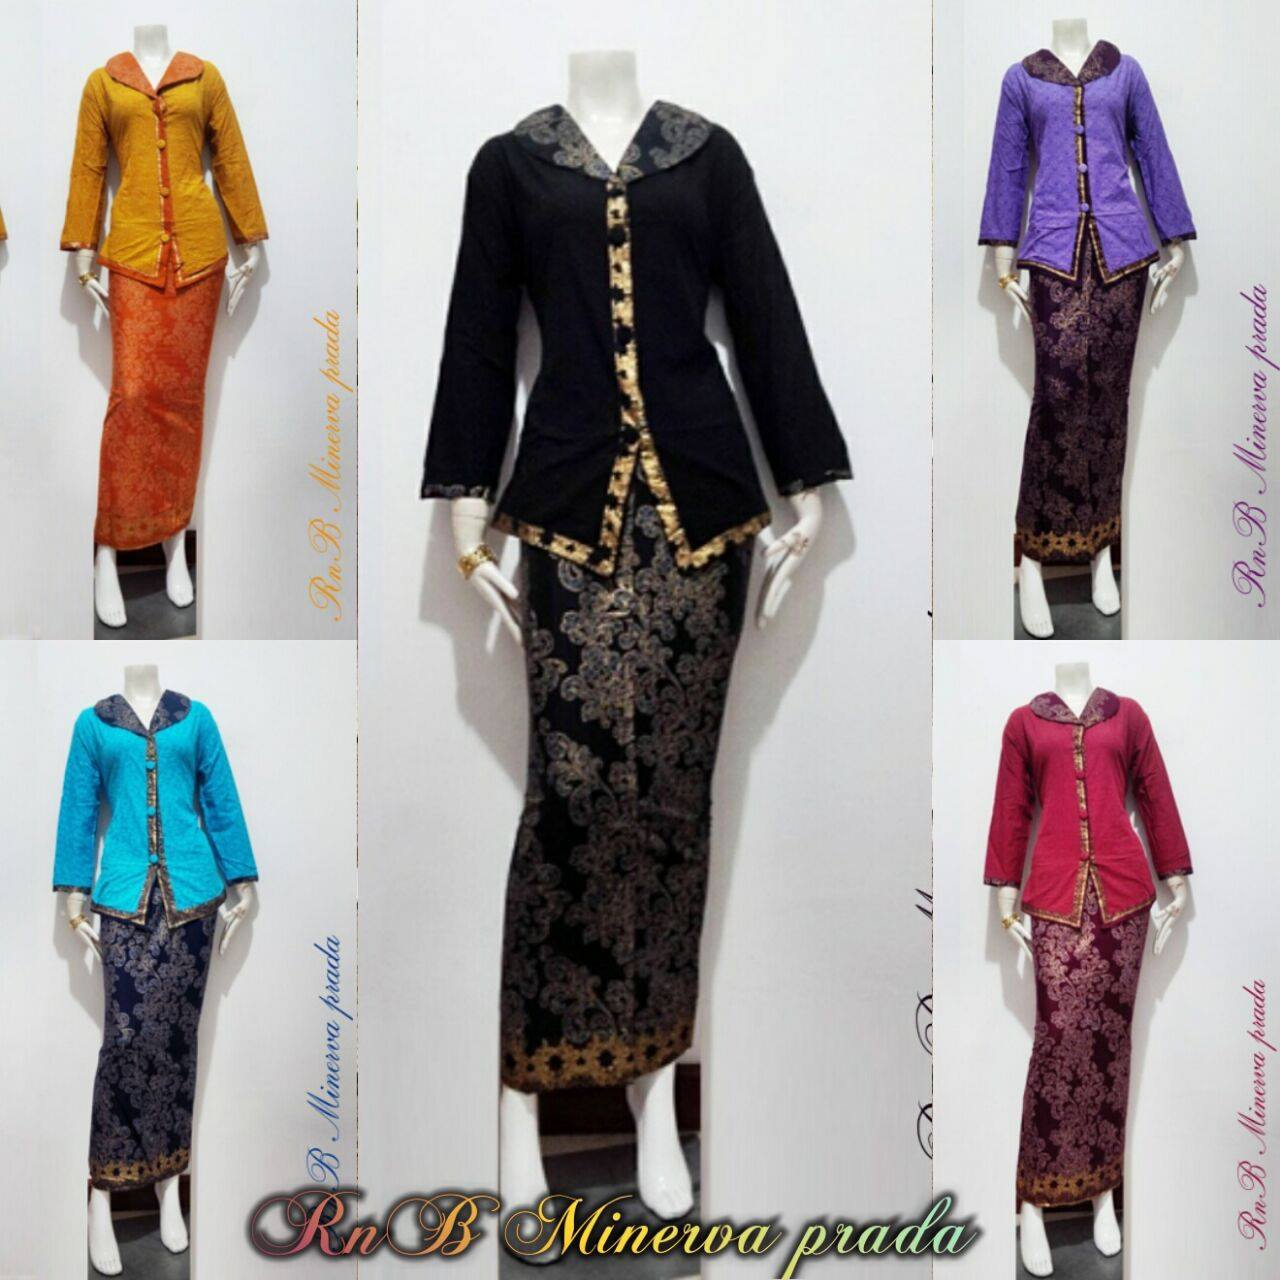 Baju Setelan Batik Wanita: Baju Batik Wanita Setelan Minerva Prodo